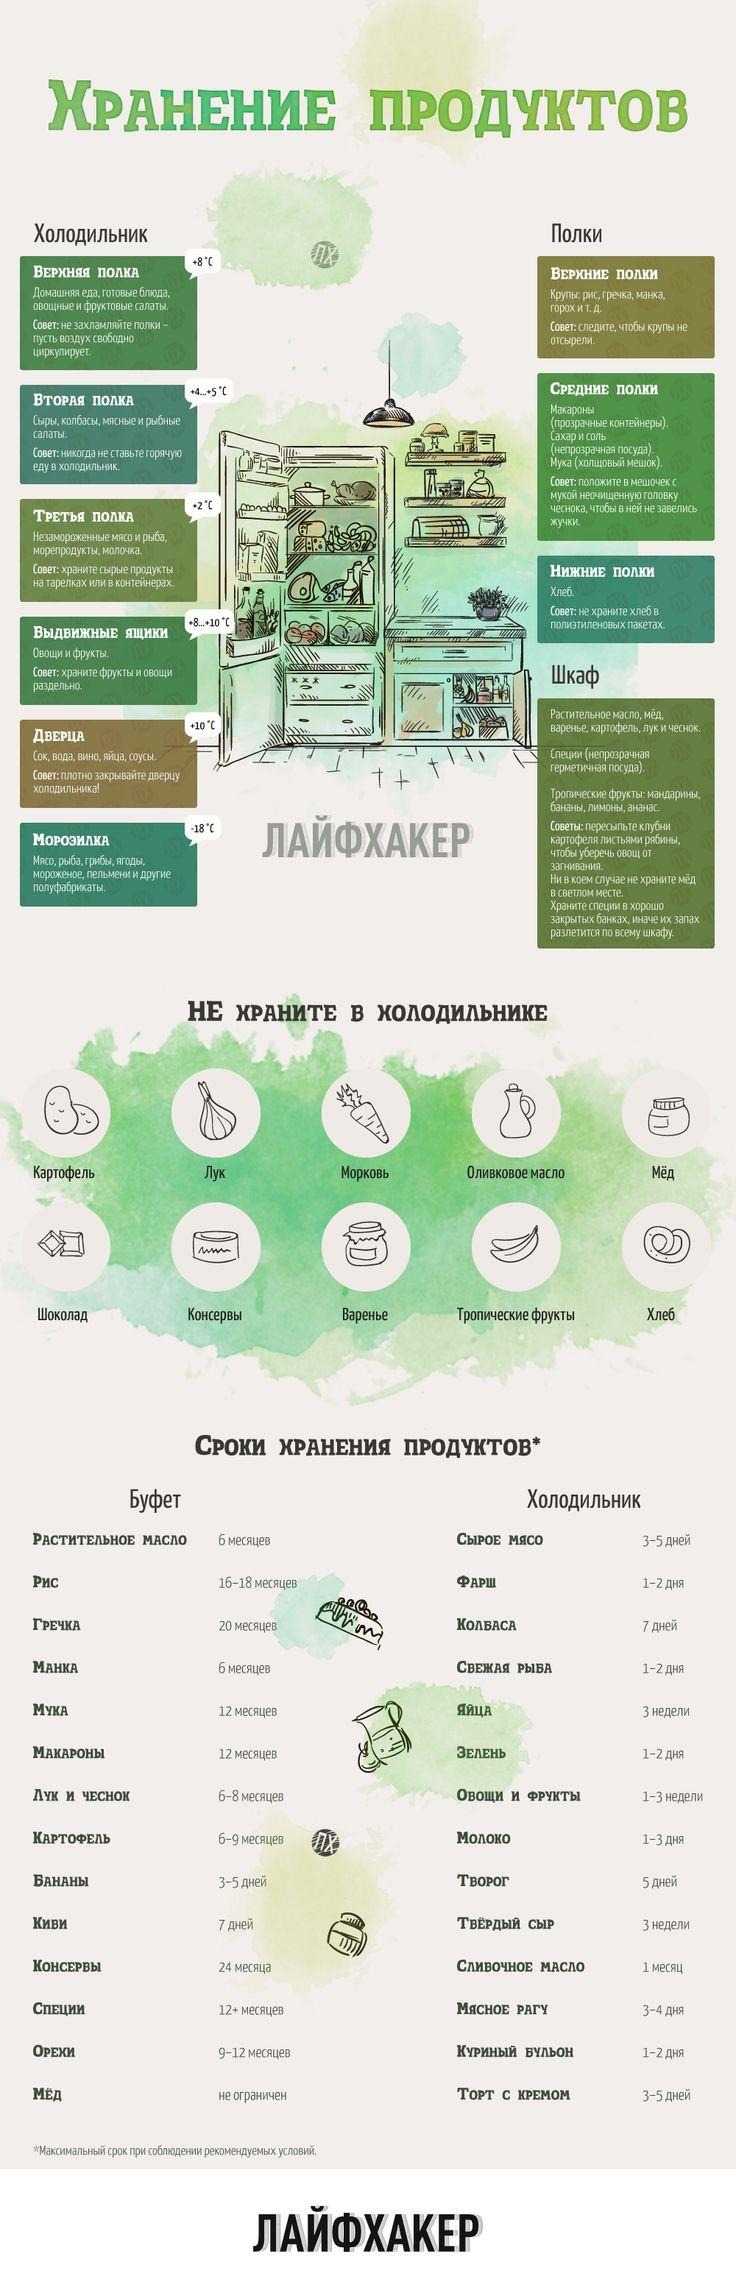 Как хранить продукты - Лайфхакер